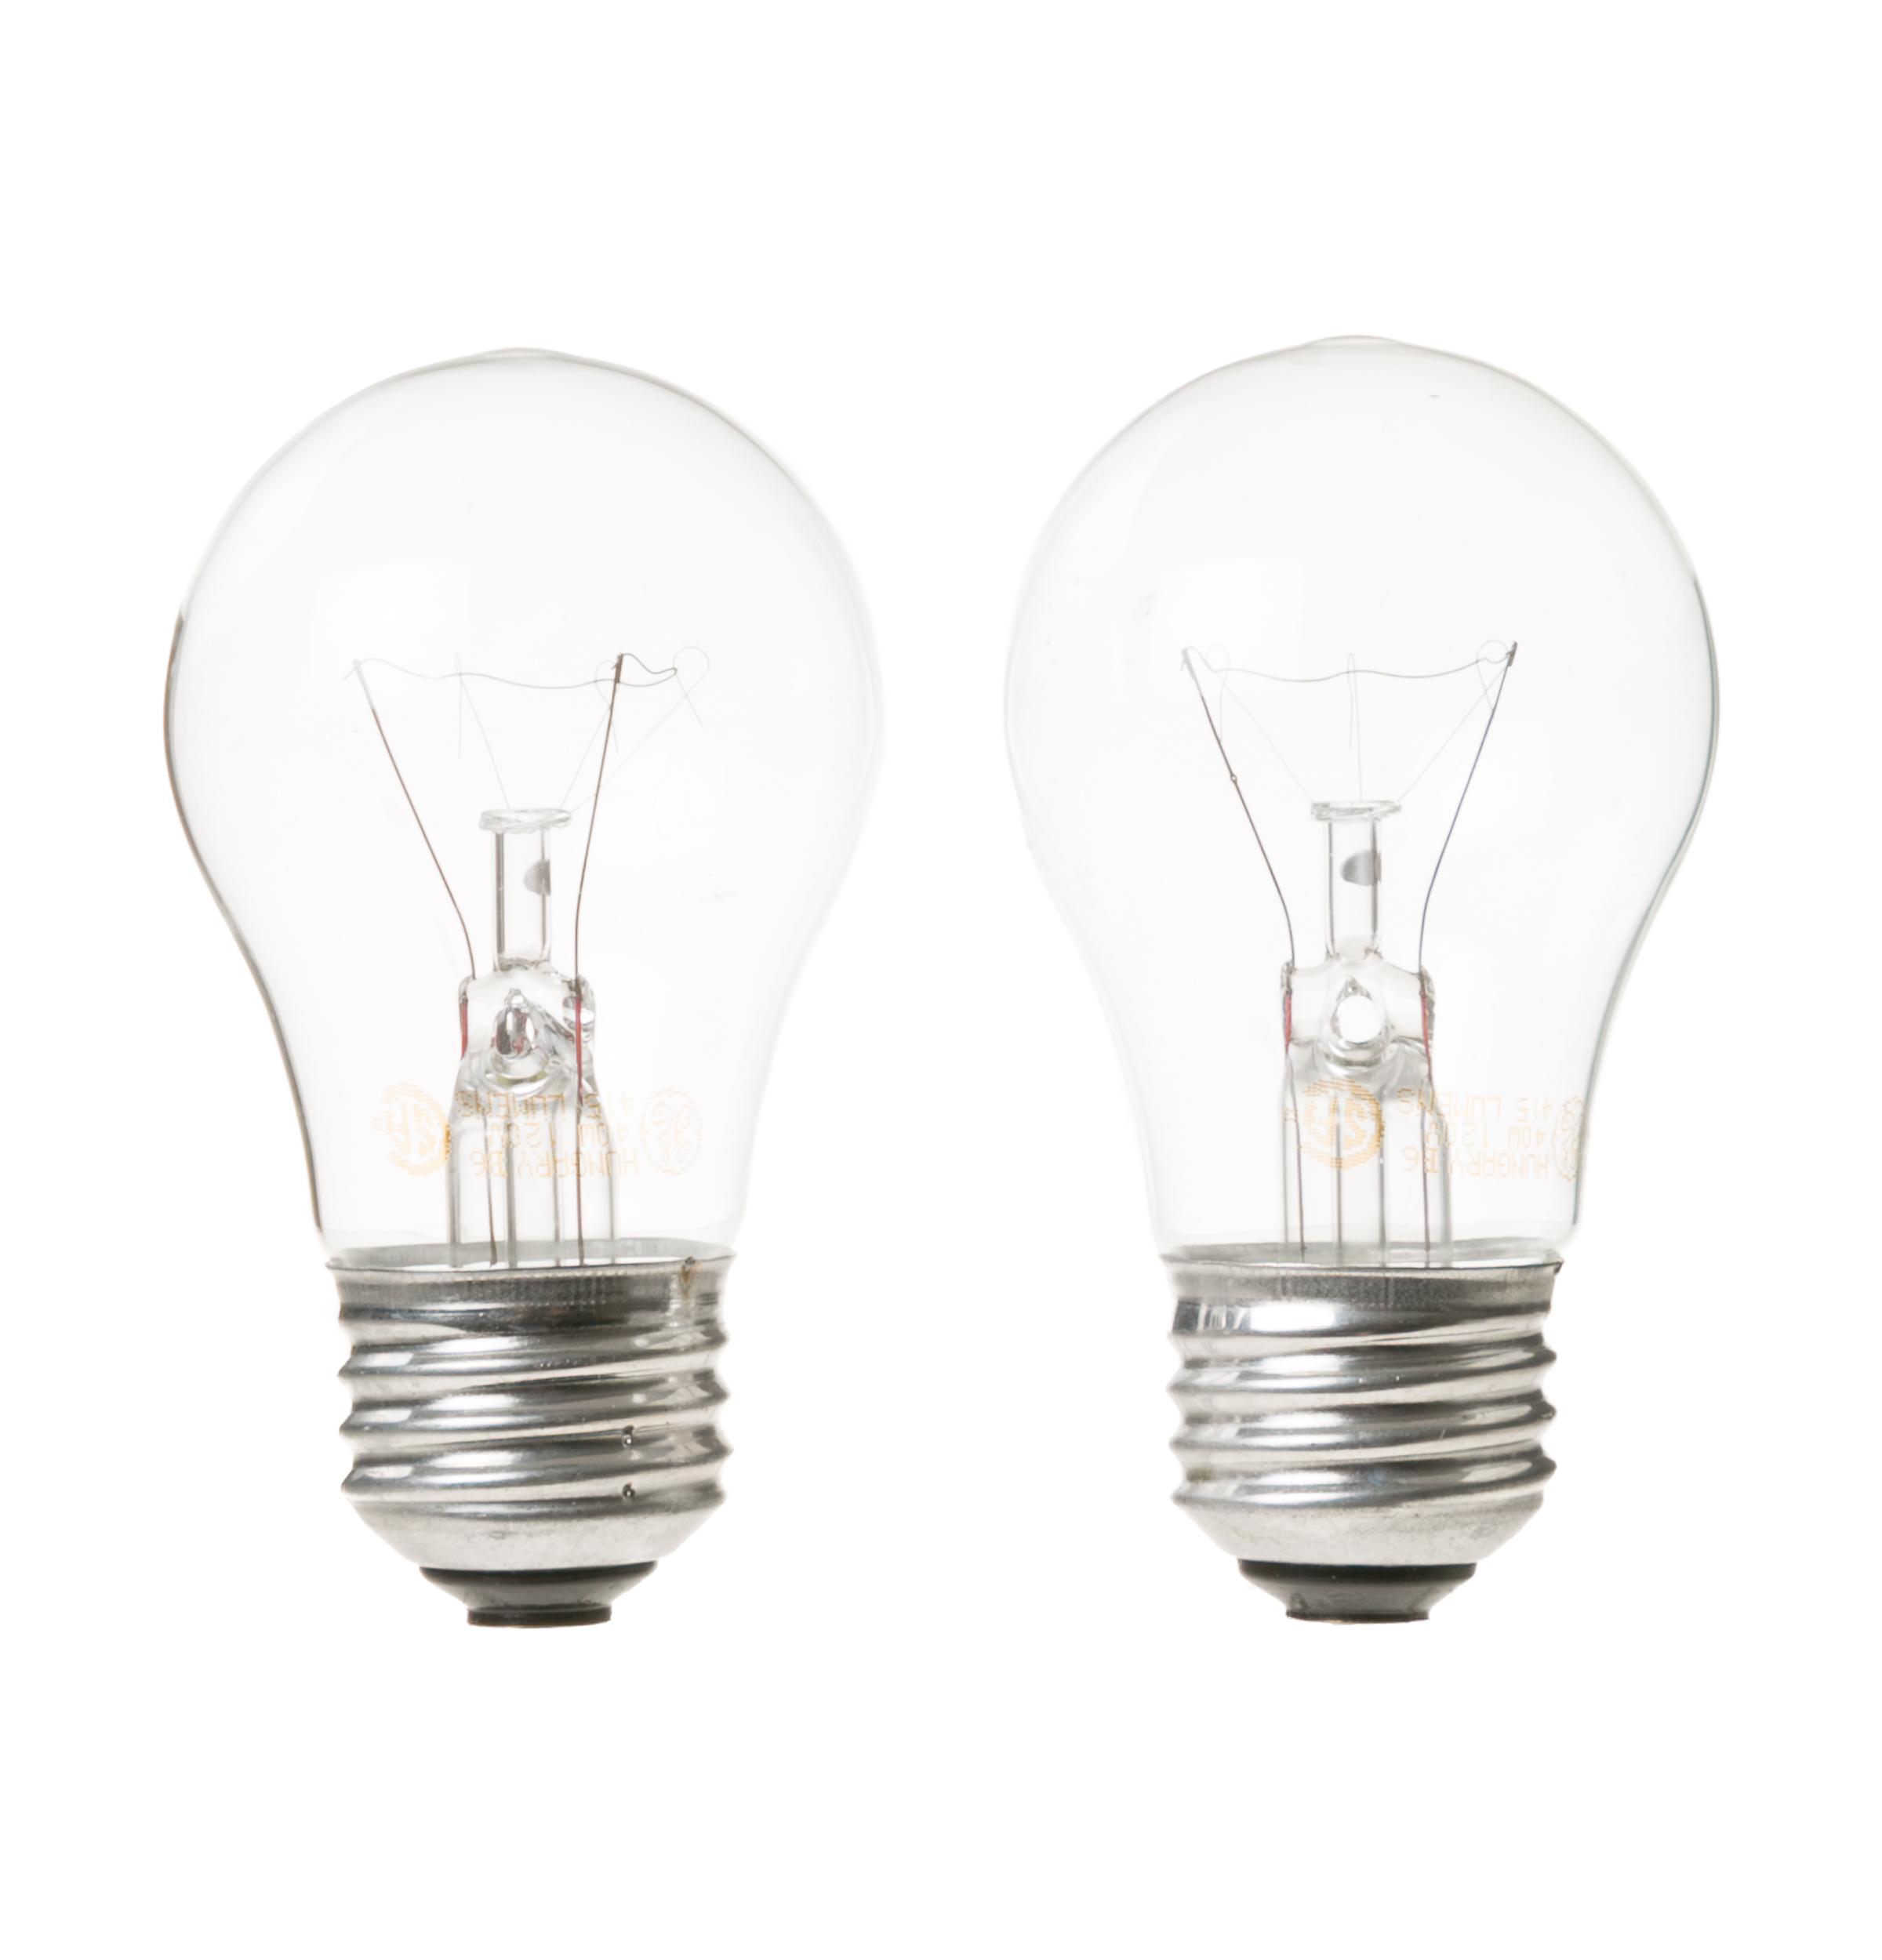 Ge Gfsl2kexals Light Bulb 40 Watts 2 Pack